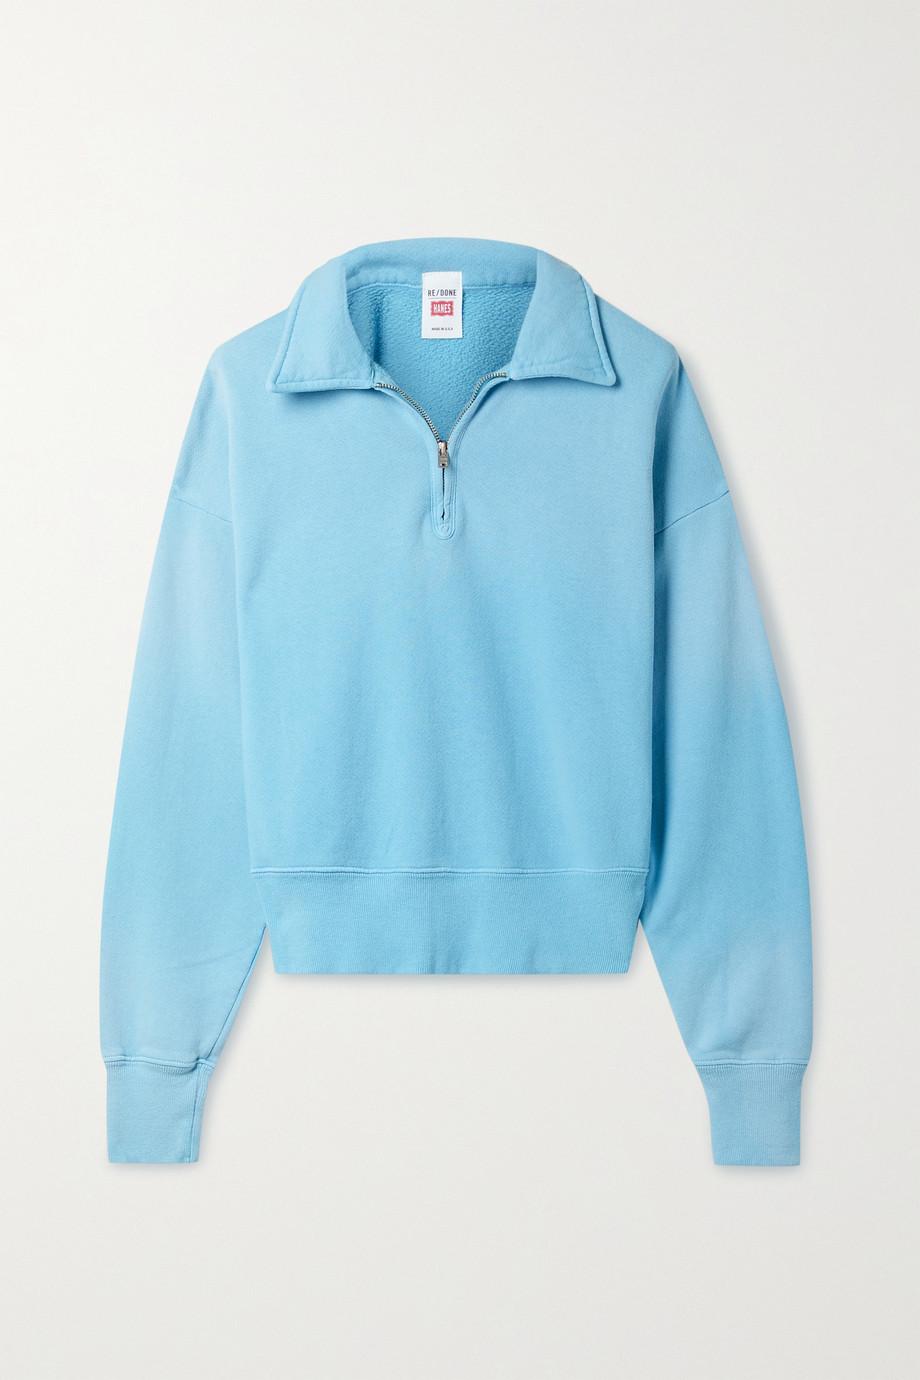 RE/DONE + Hanes 70s Sweatshirt aus Baumwoll-Jersey